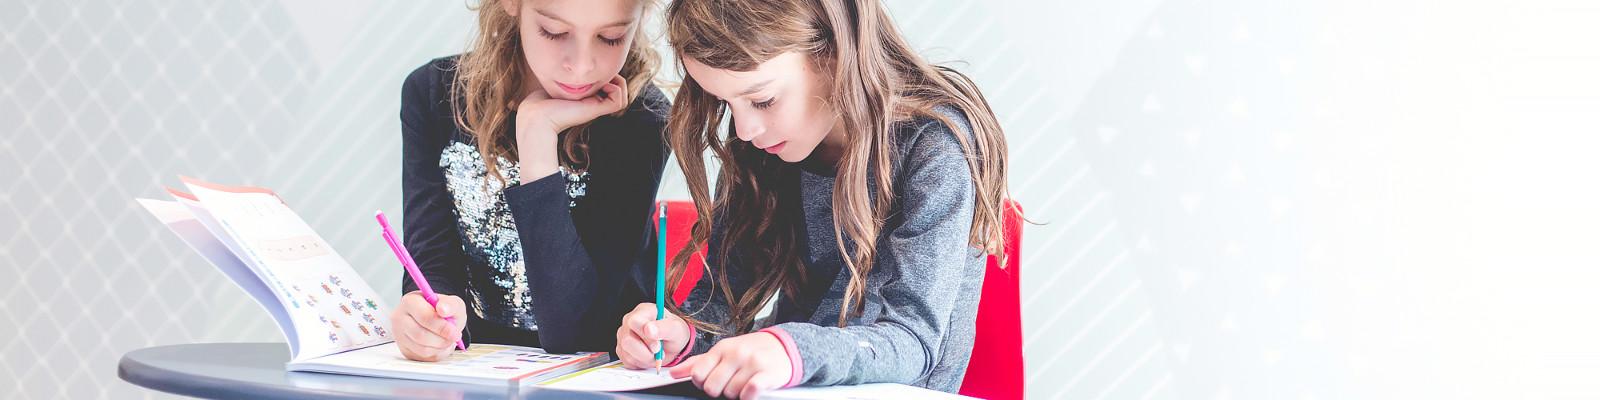 חוברות עבודה לחופש חוברות חופש חוברות פעילות לילדים לימוד חשבון עברית אנגלית חוברות מומלצות לילדים